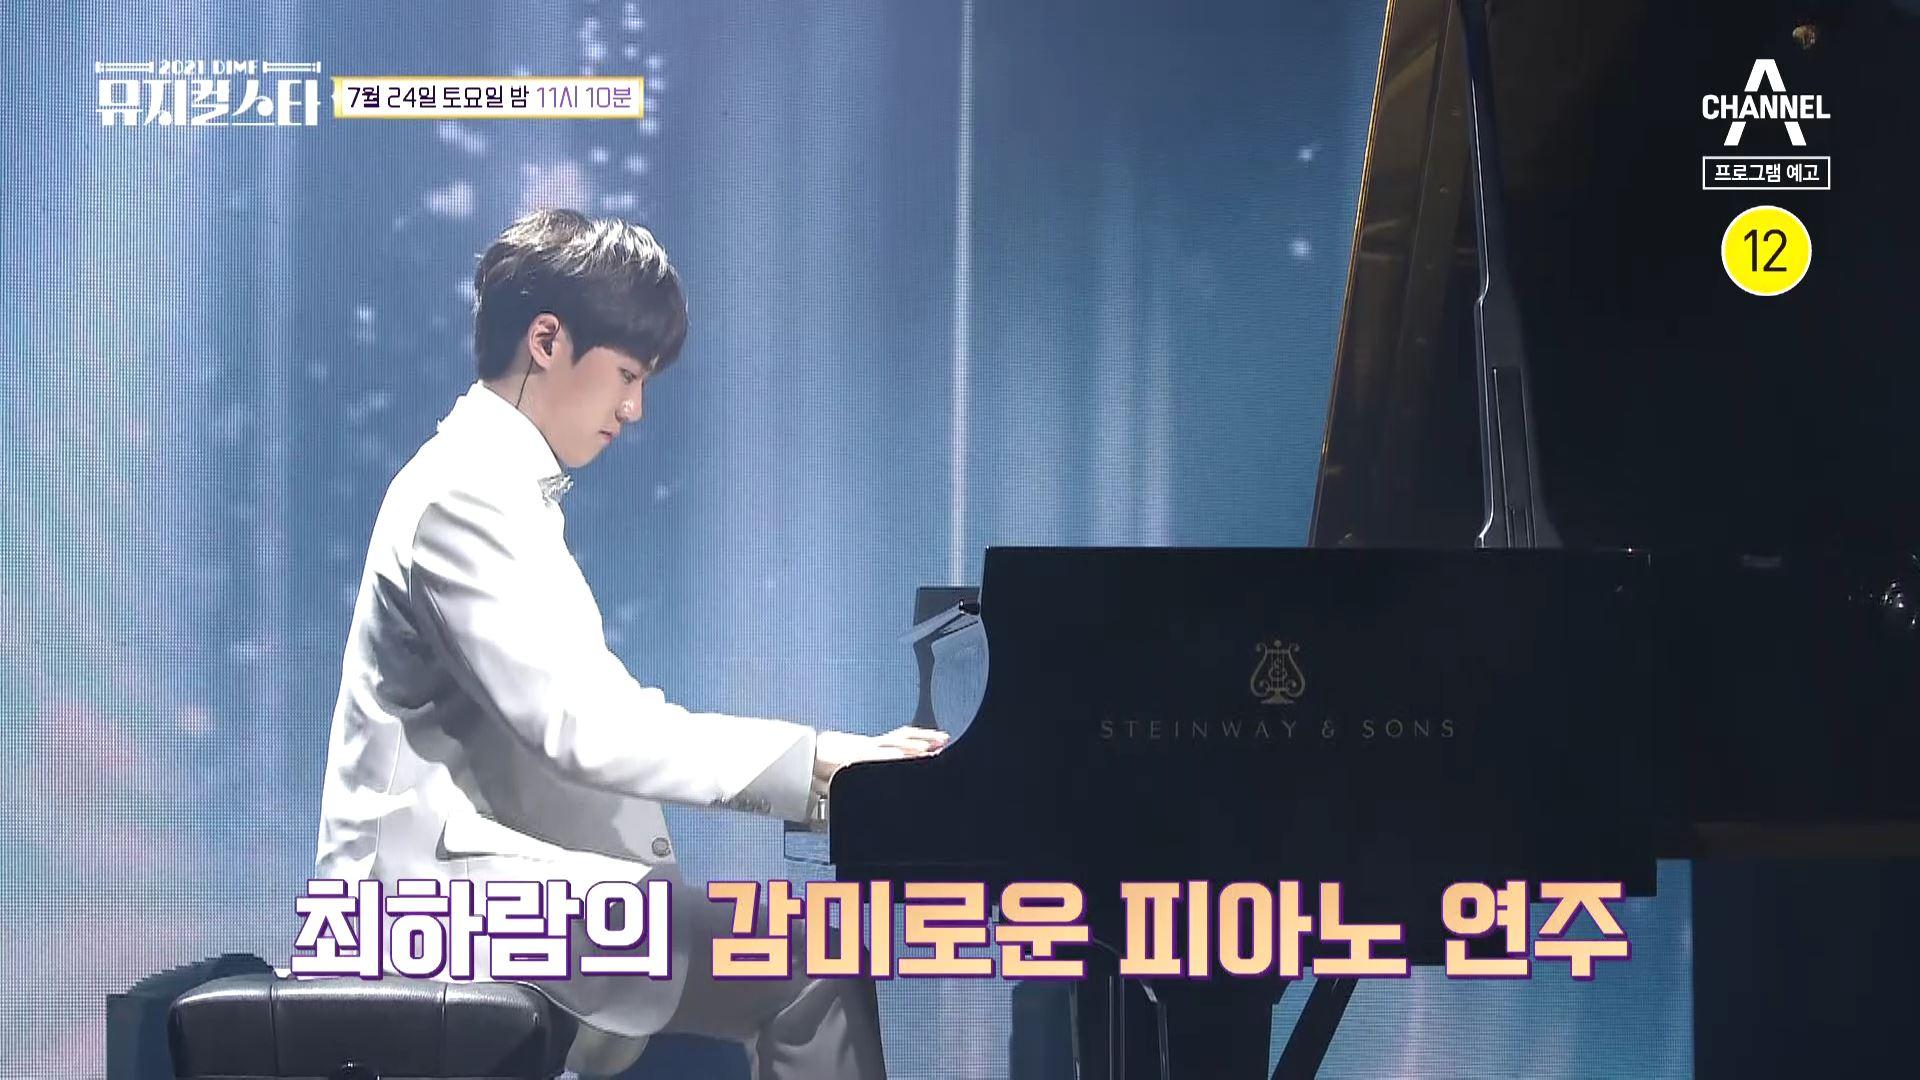 [선공개] ♥여심 저격♥ 무대를 아름답게 수놓는 최하람의 감미로운 피아노 연주 이미지